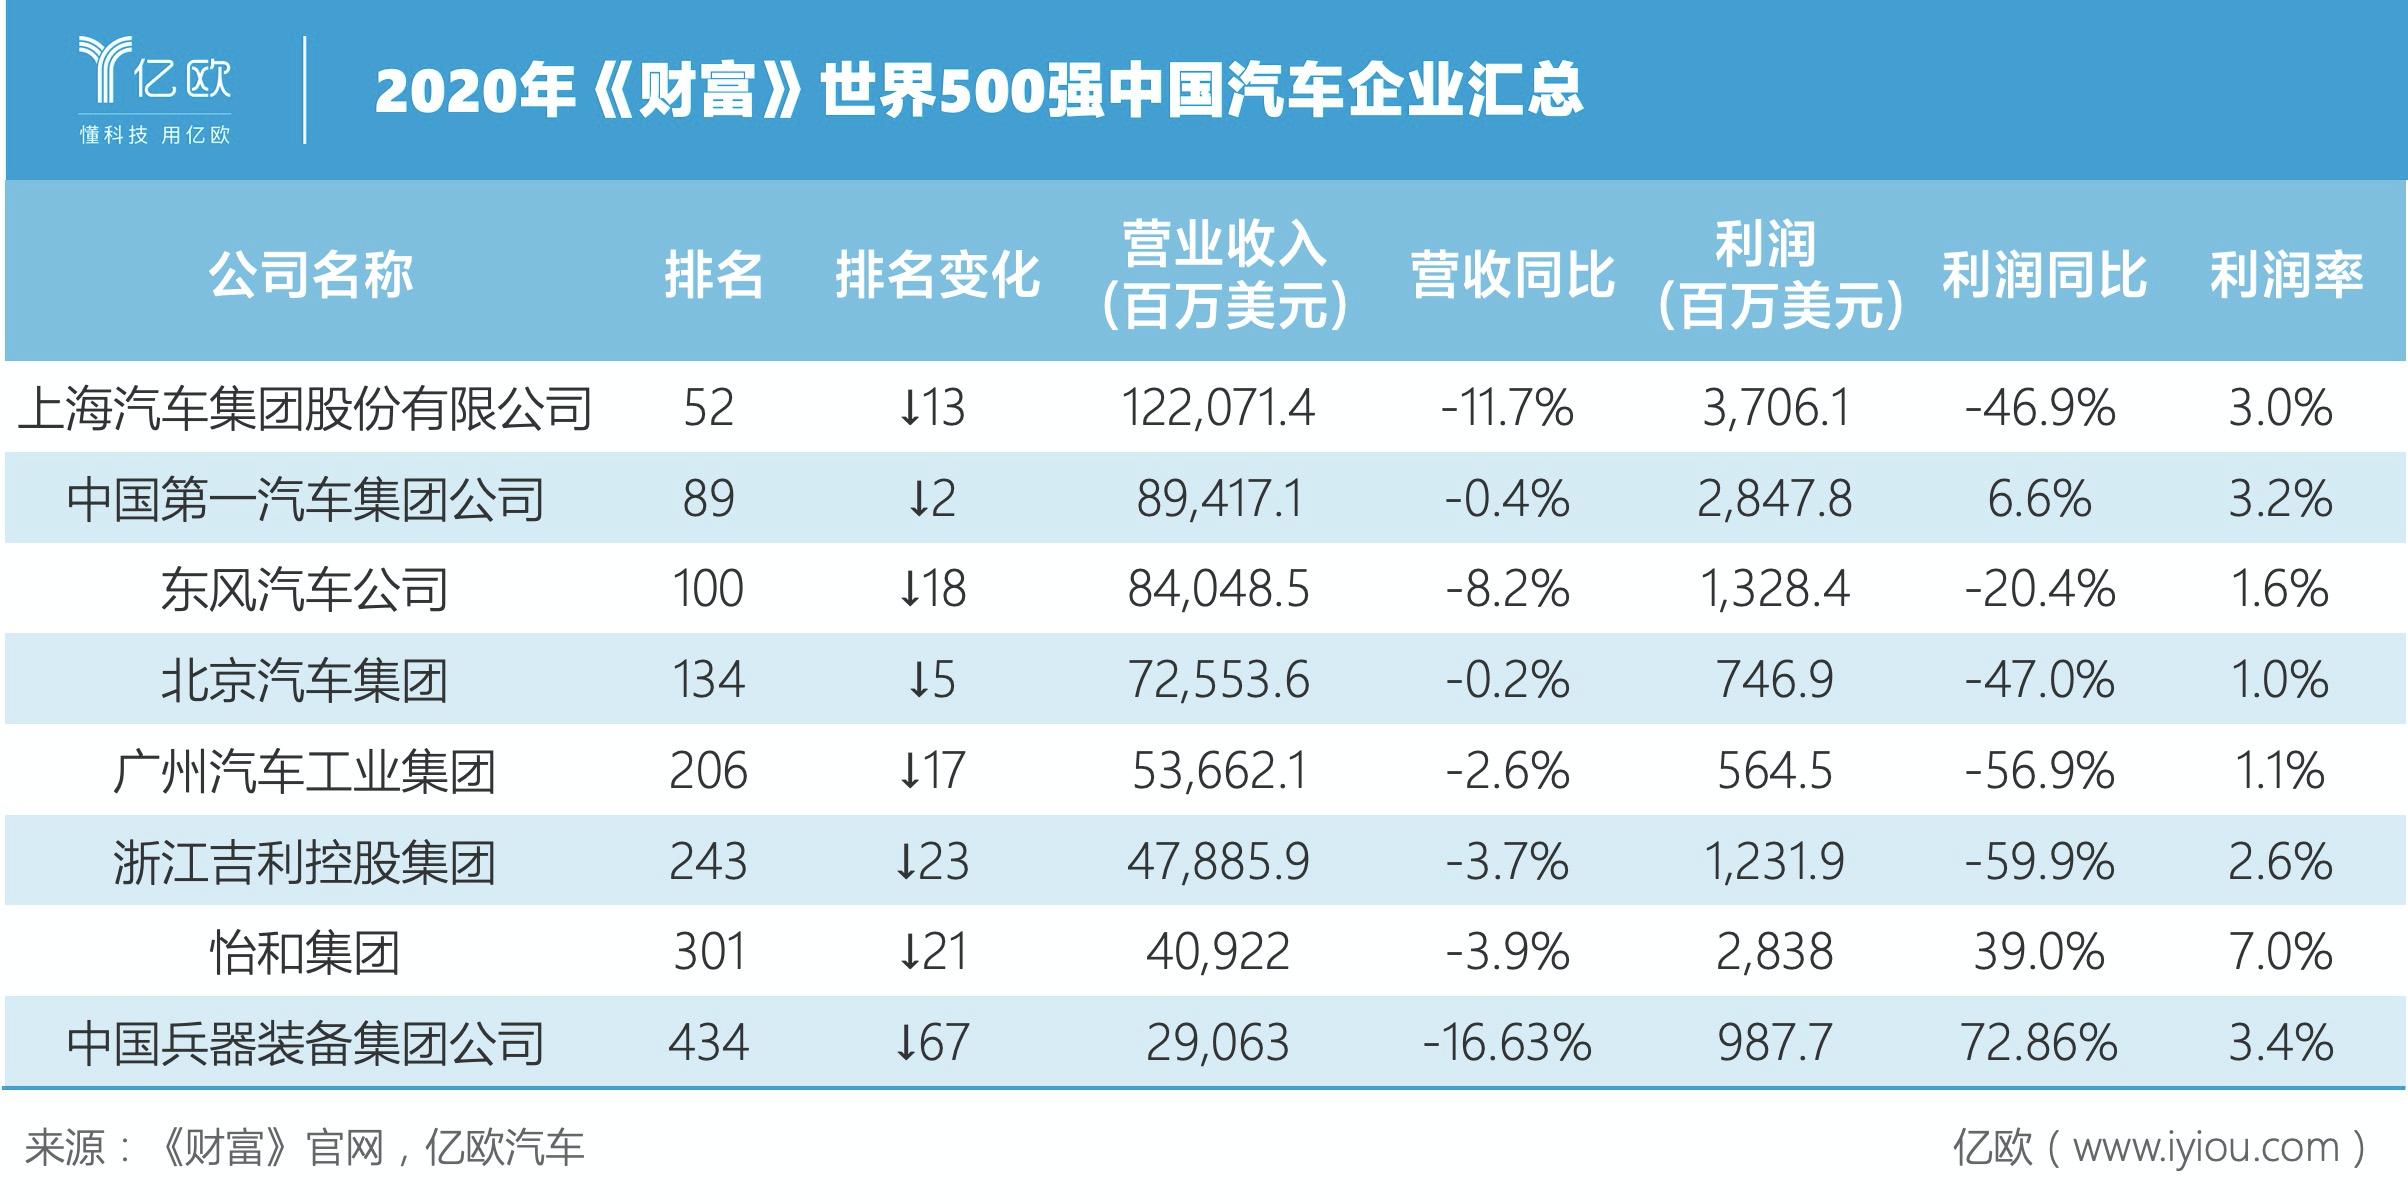 财富500中国汽车企业